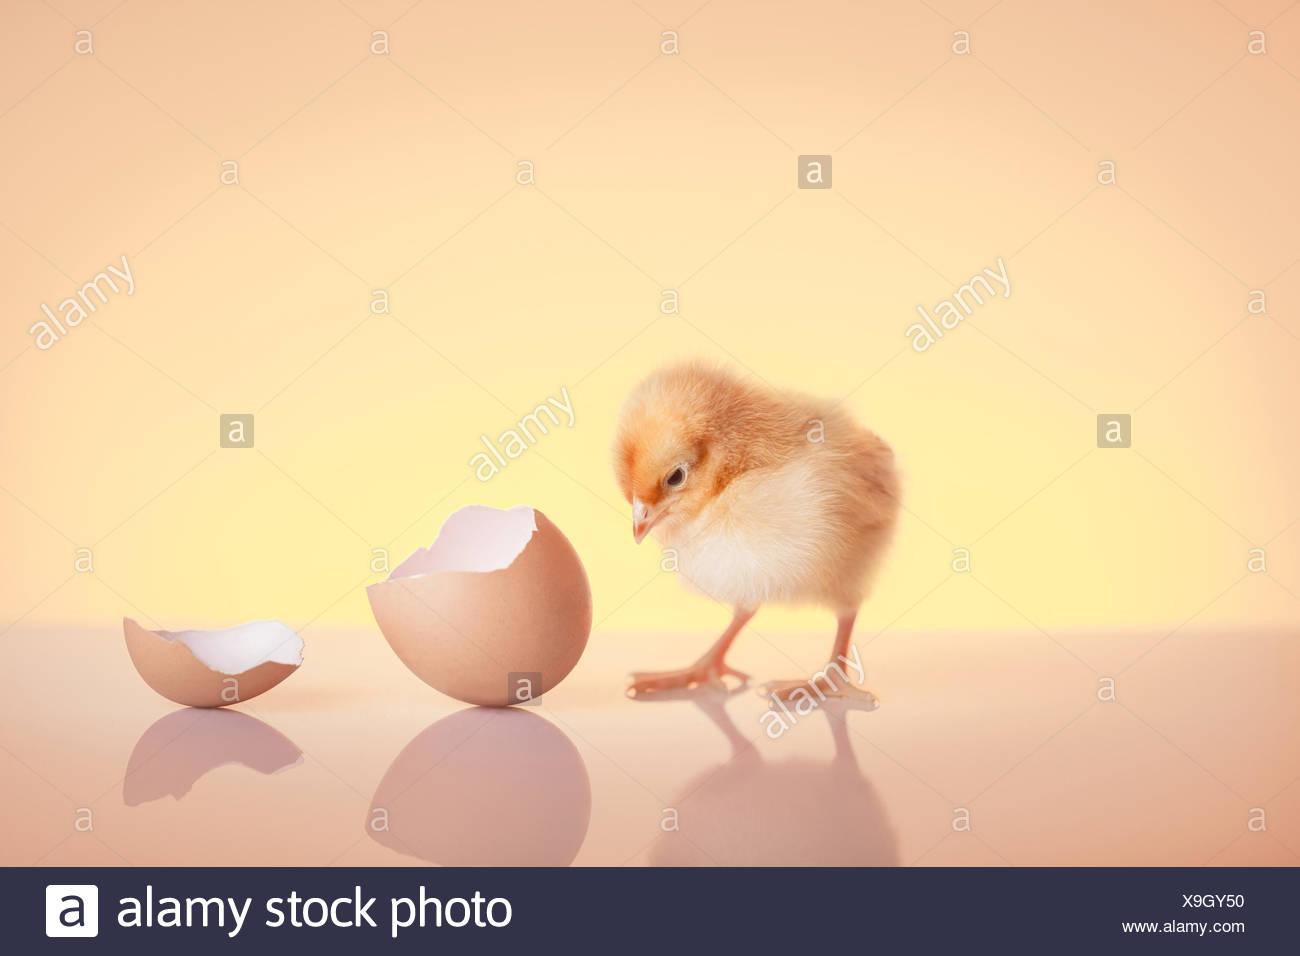 Kürzlich geschlüpften Küken starrte auf eine Eierschale Stockbild